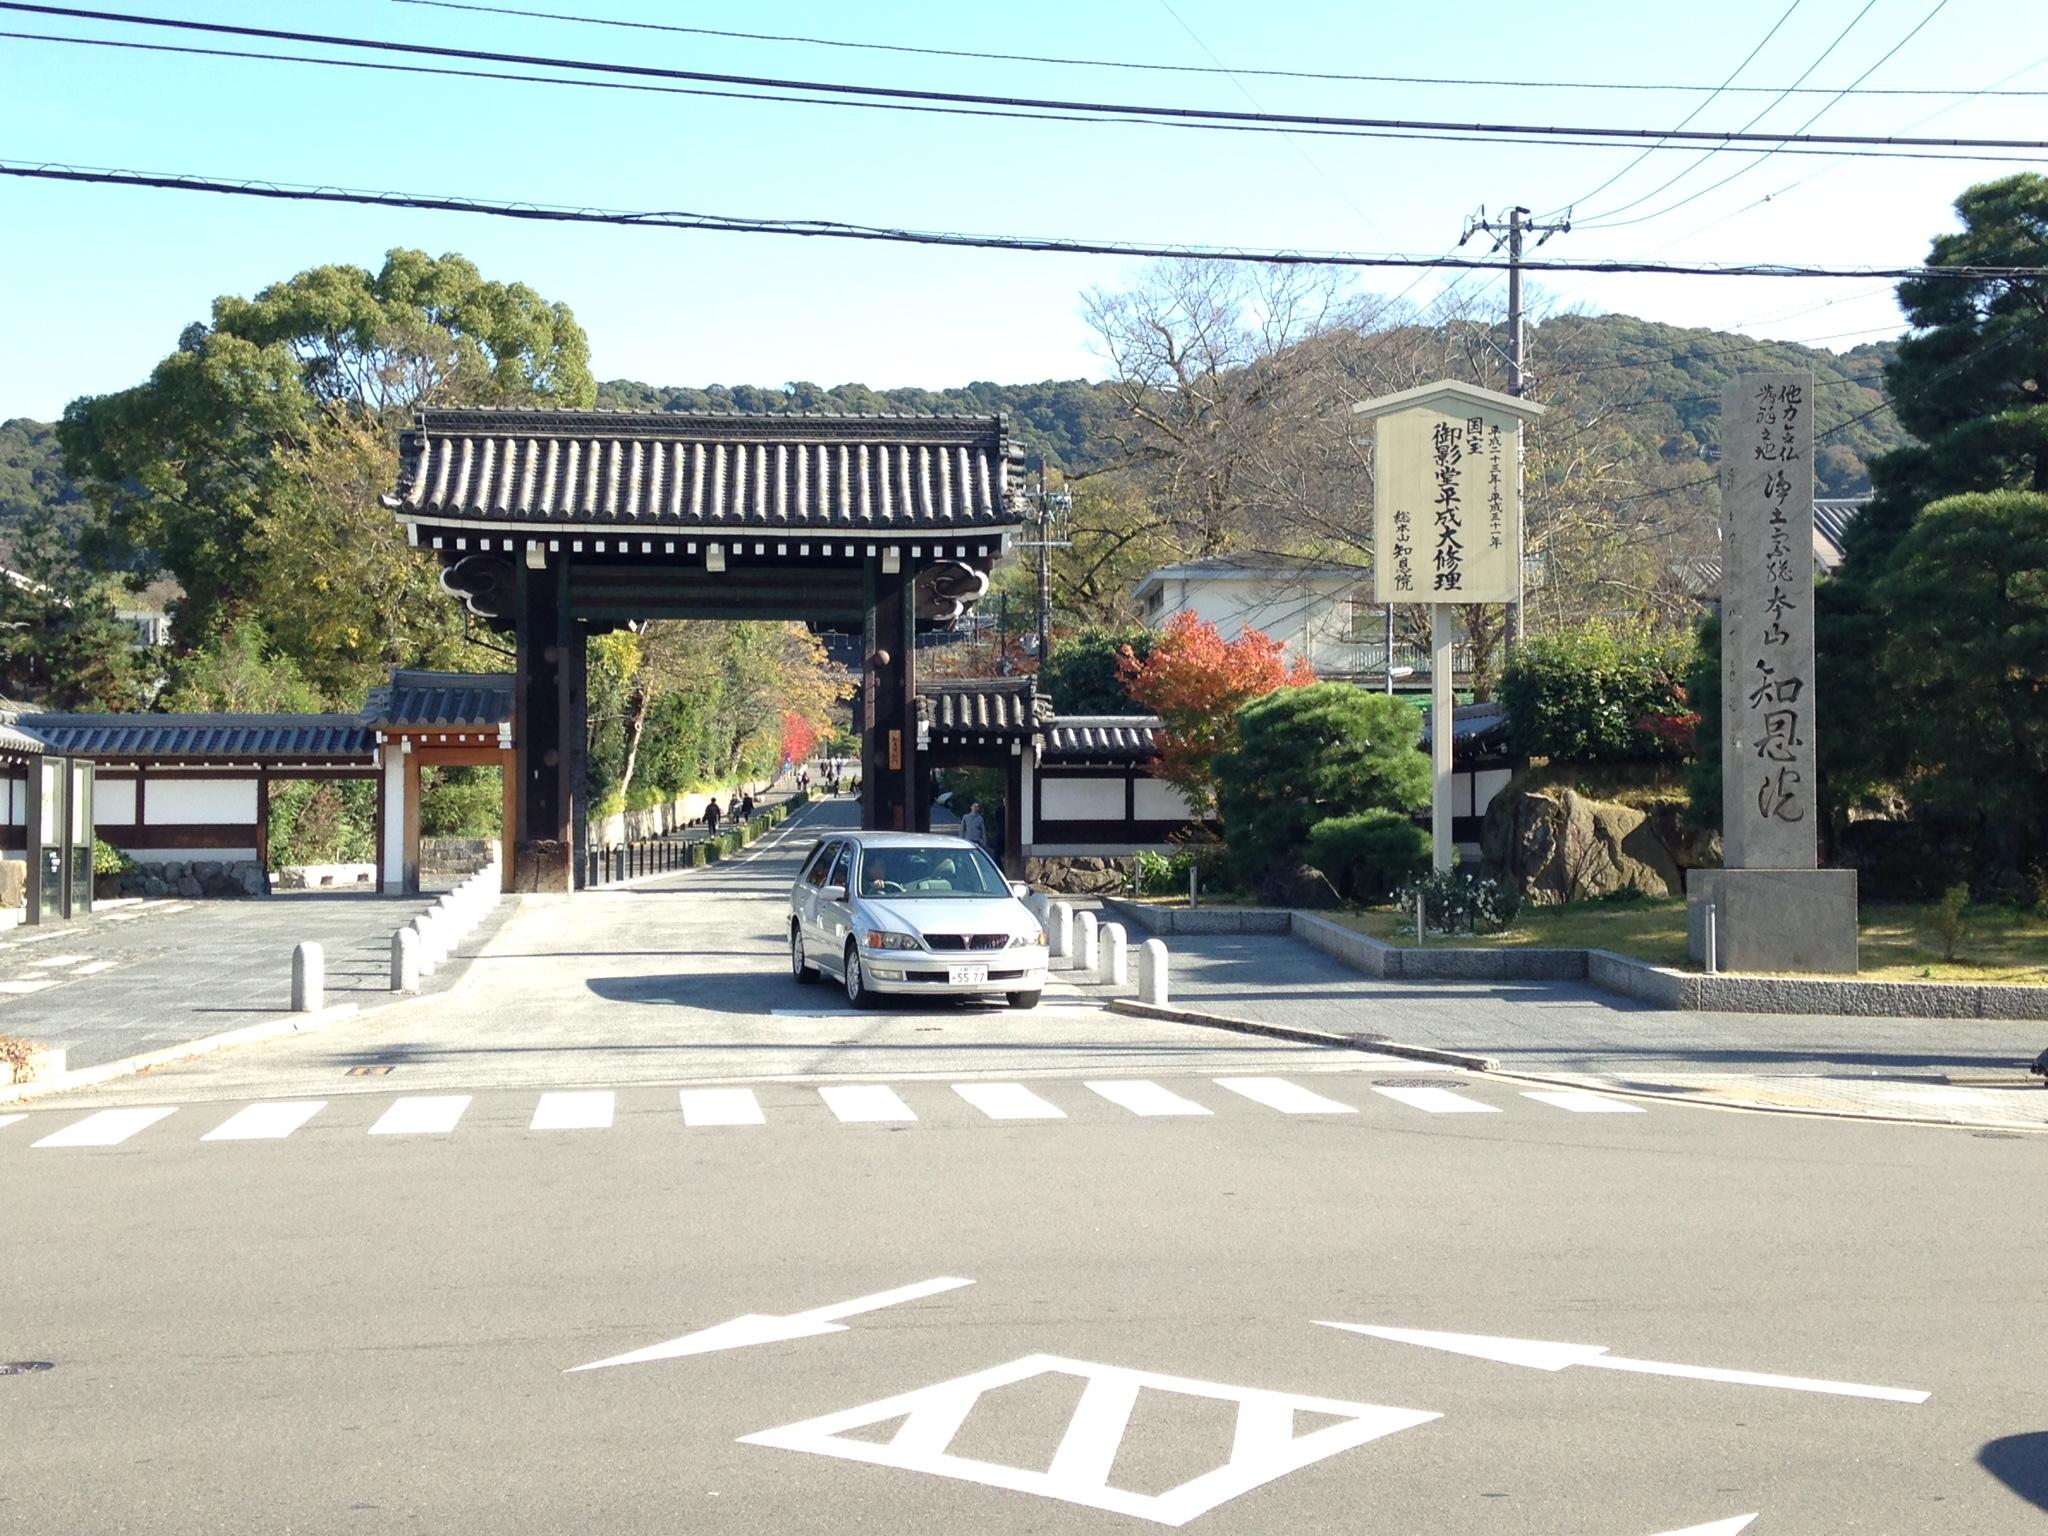 知恩院へのアクセス‼京都駅からはバスか電車!車はオススメできませんっ